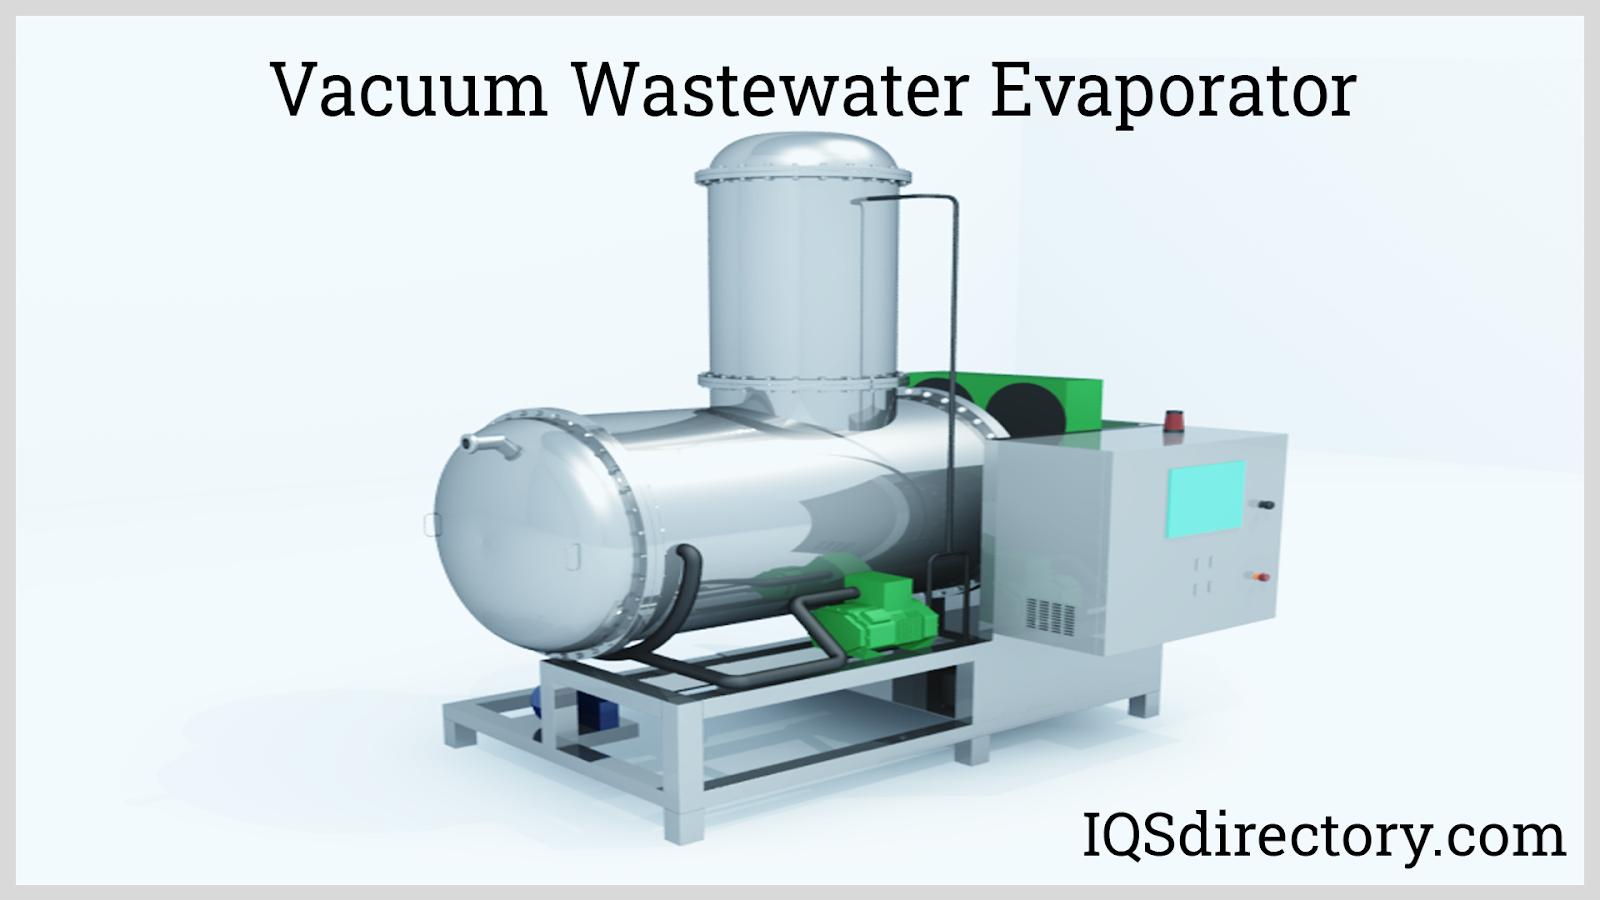 Vacuum Wastewater Evaporator